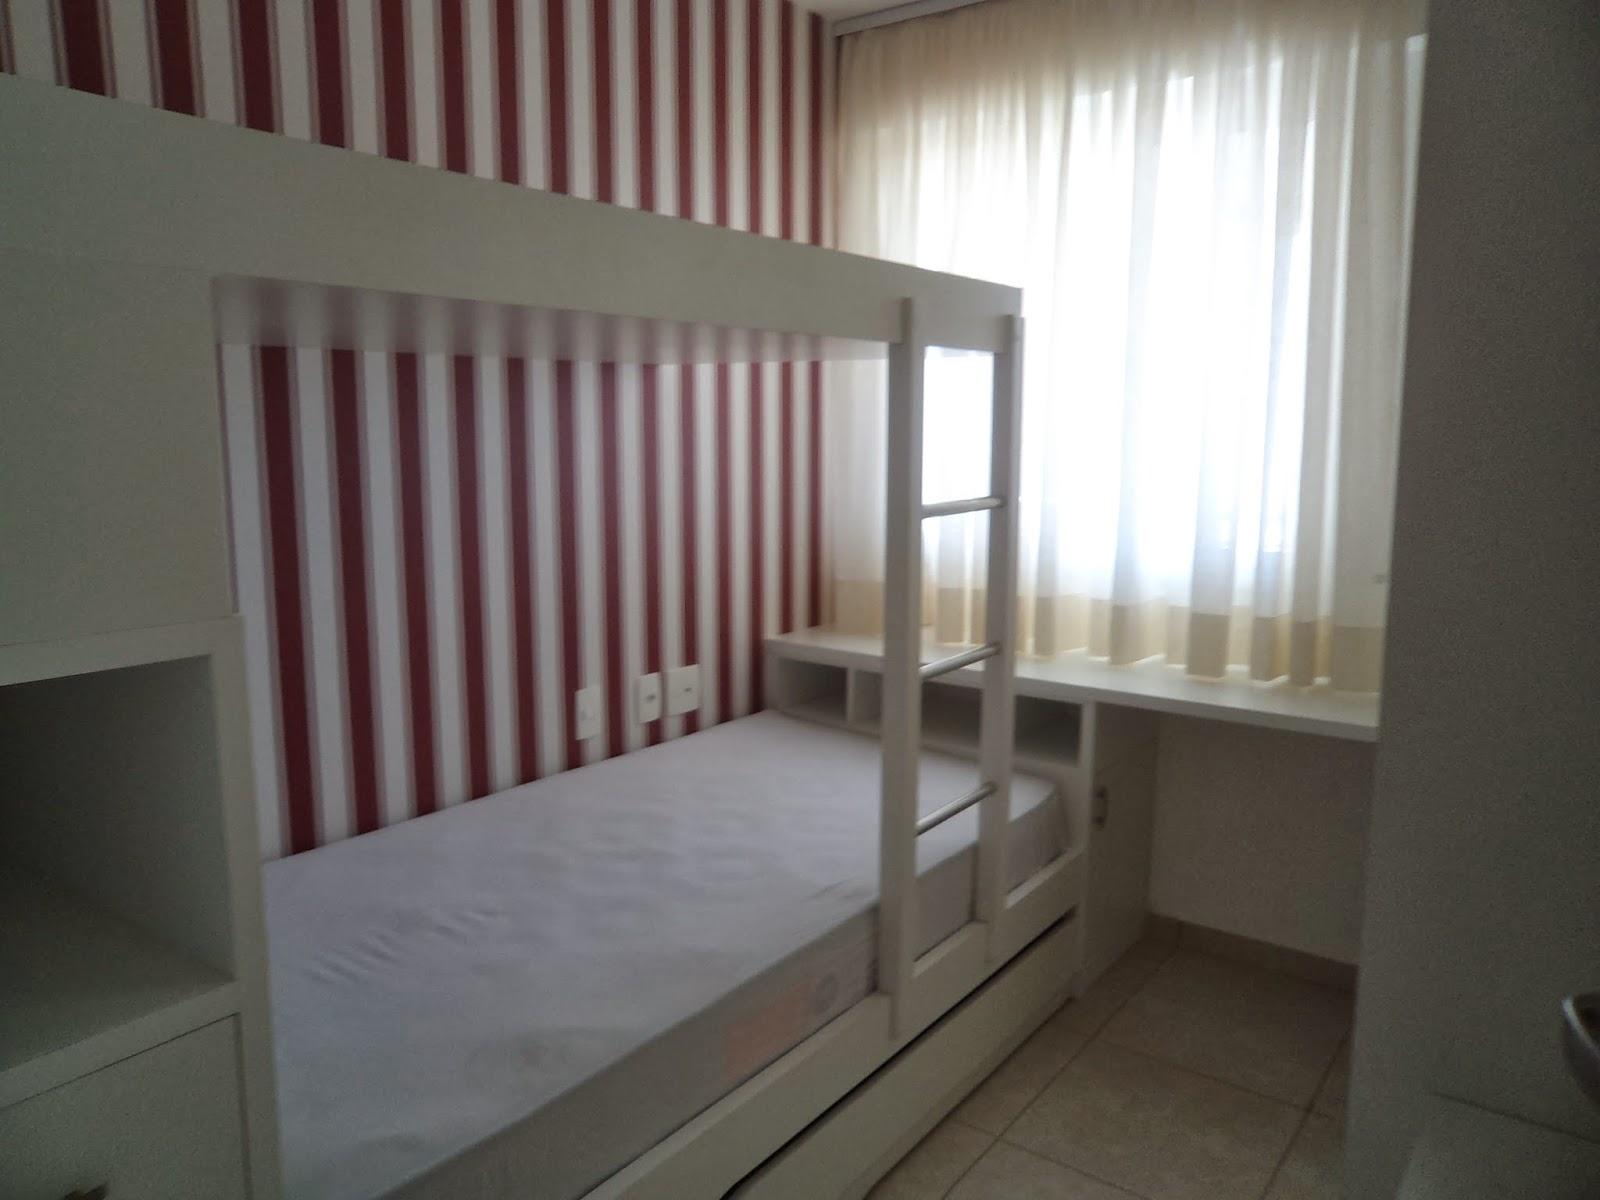 Imagens de #5C4946 Quarto de solteiro com armários projetados e beliche com cama  1600x1200 px 3548 Blindex Banheiro Fortaleza